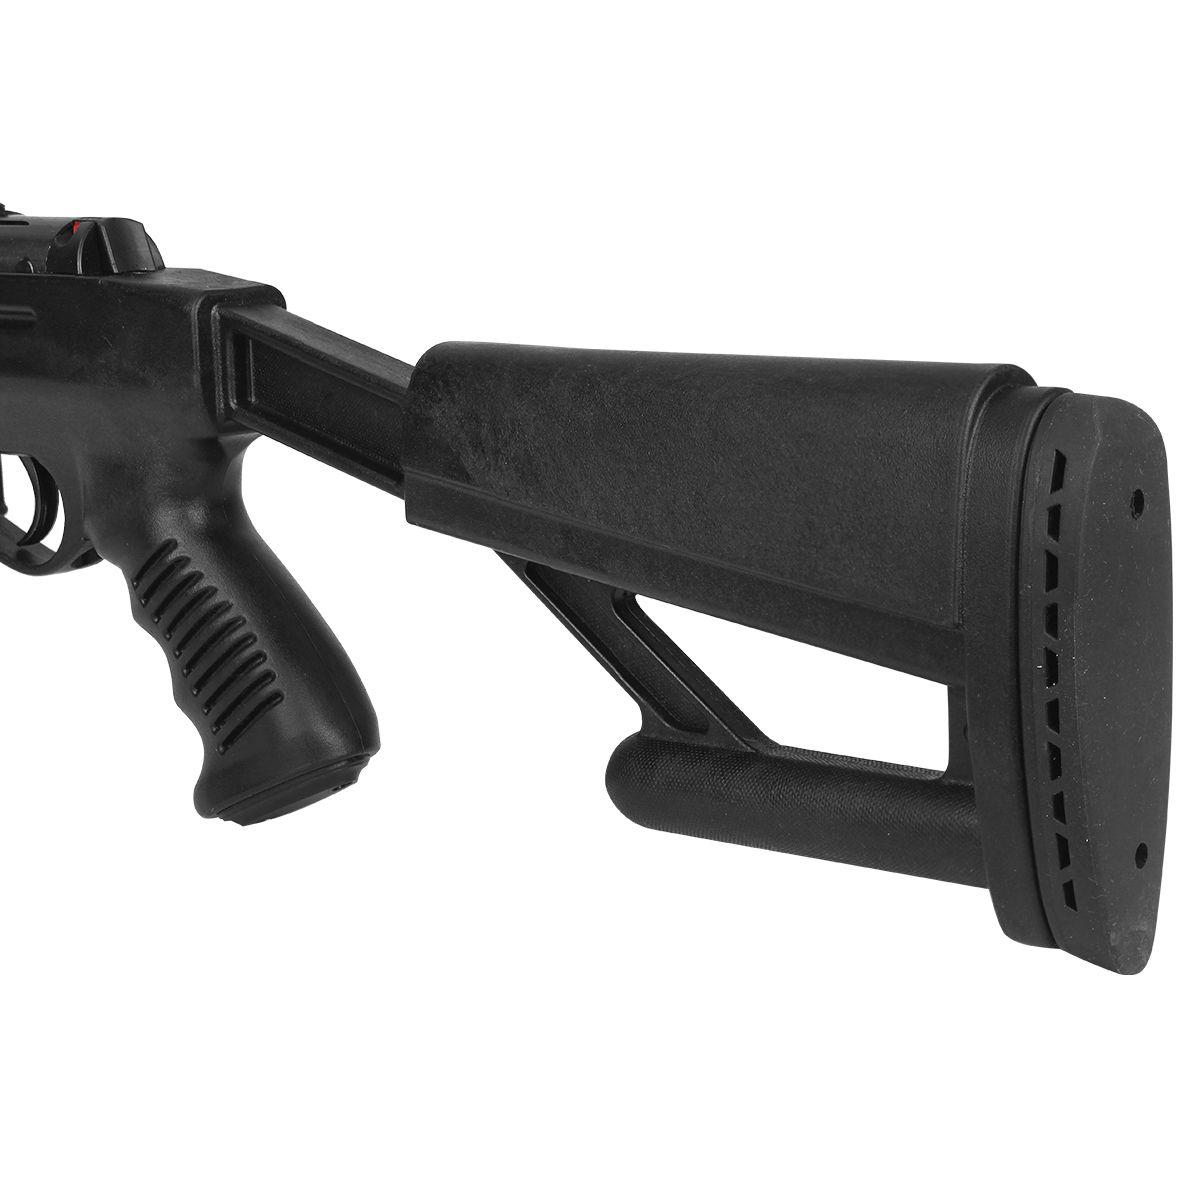 Carabina de Pressão Hatsan Airtact 5.5mm